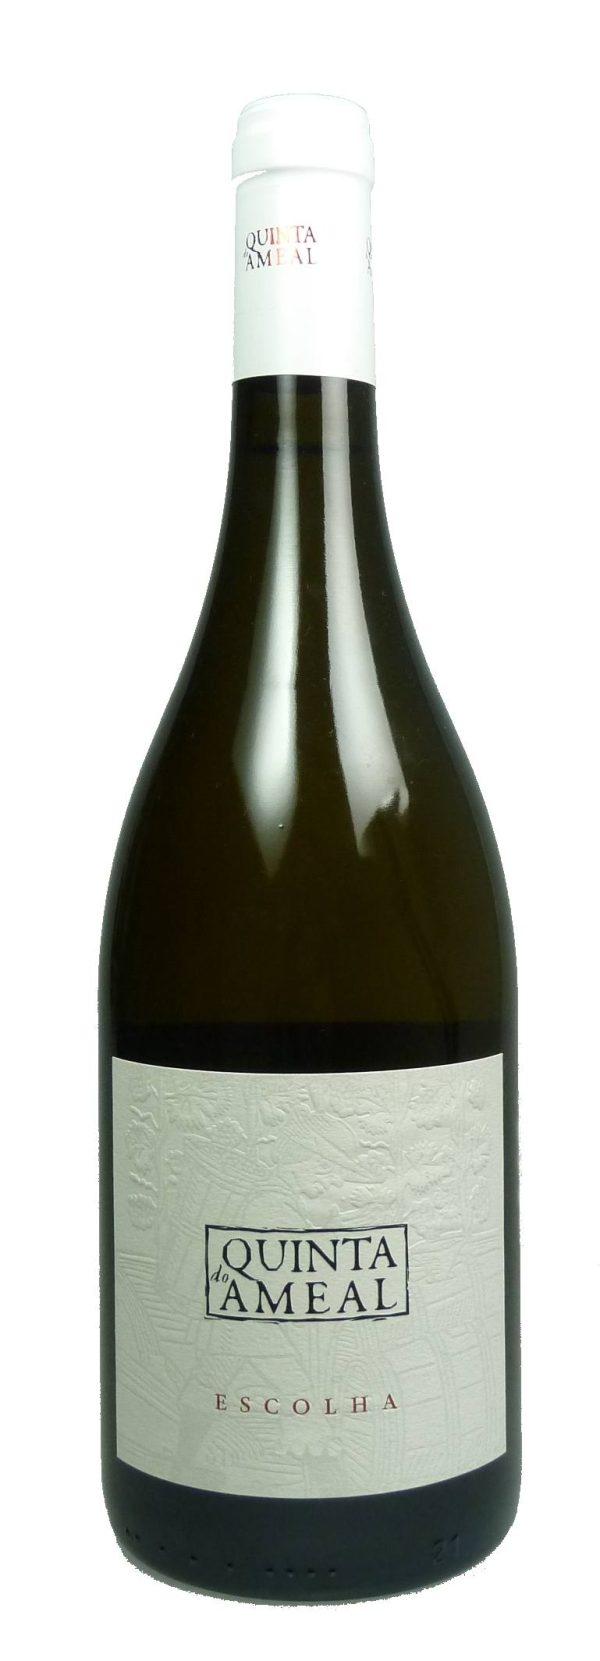 Loureiro Escolha Vinho Verde 2015